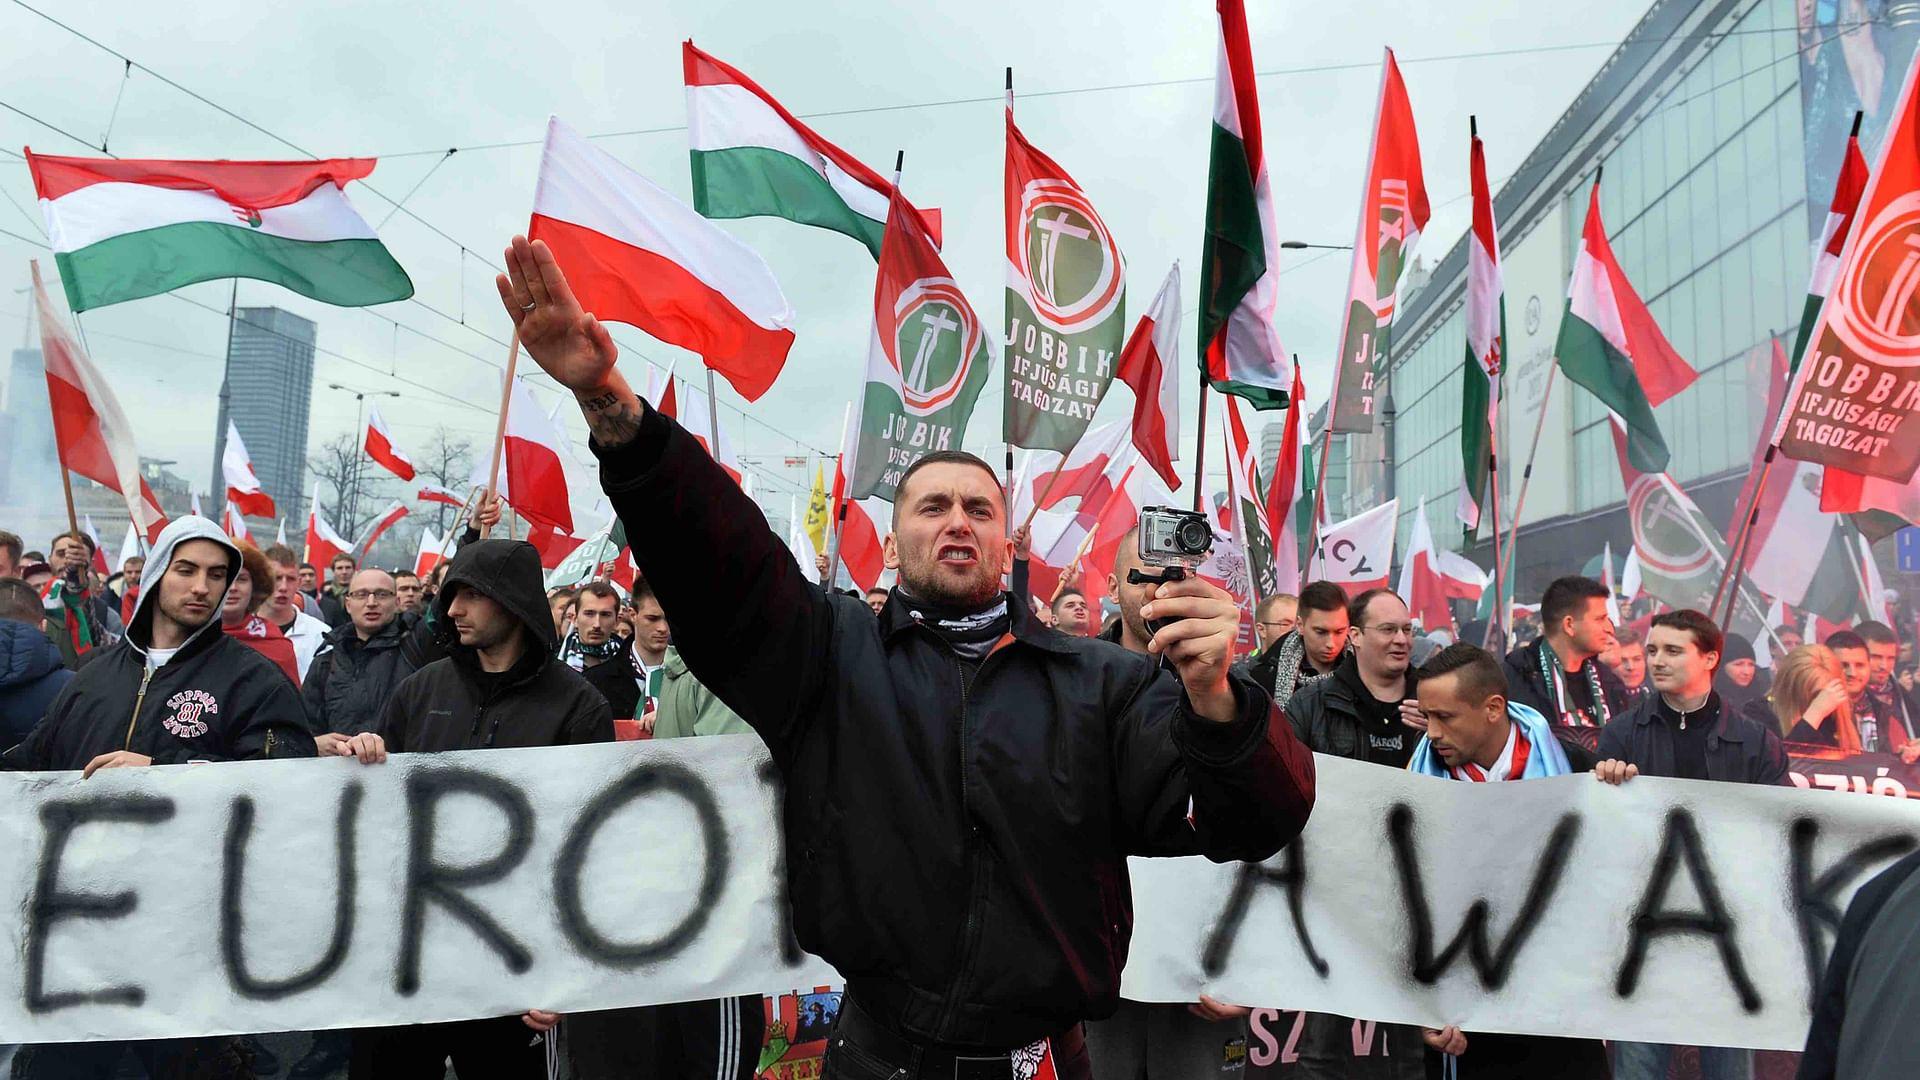 Violences et extrême droite à travers le monde